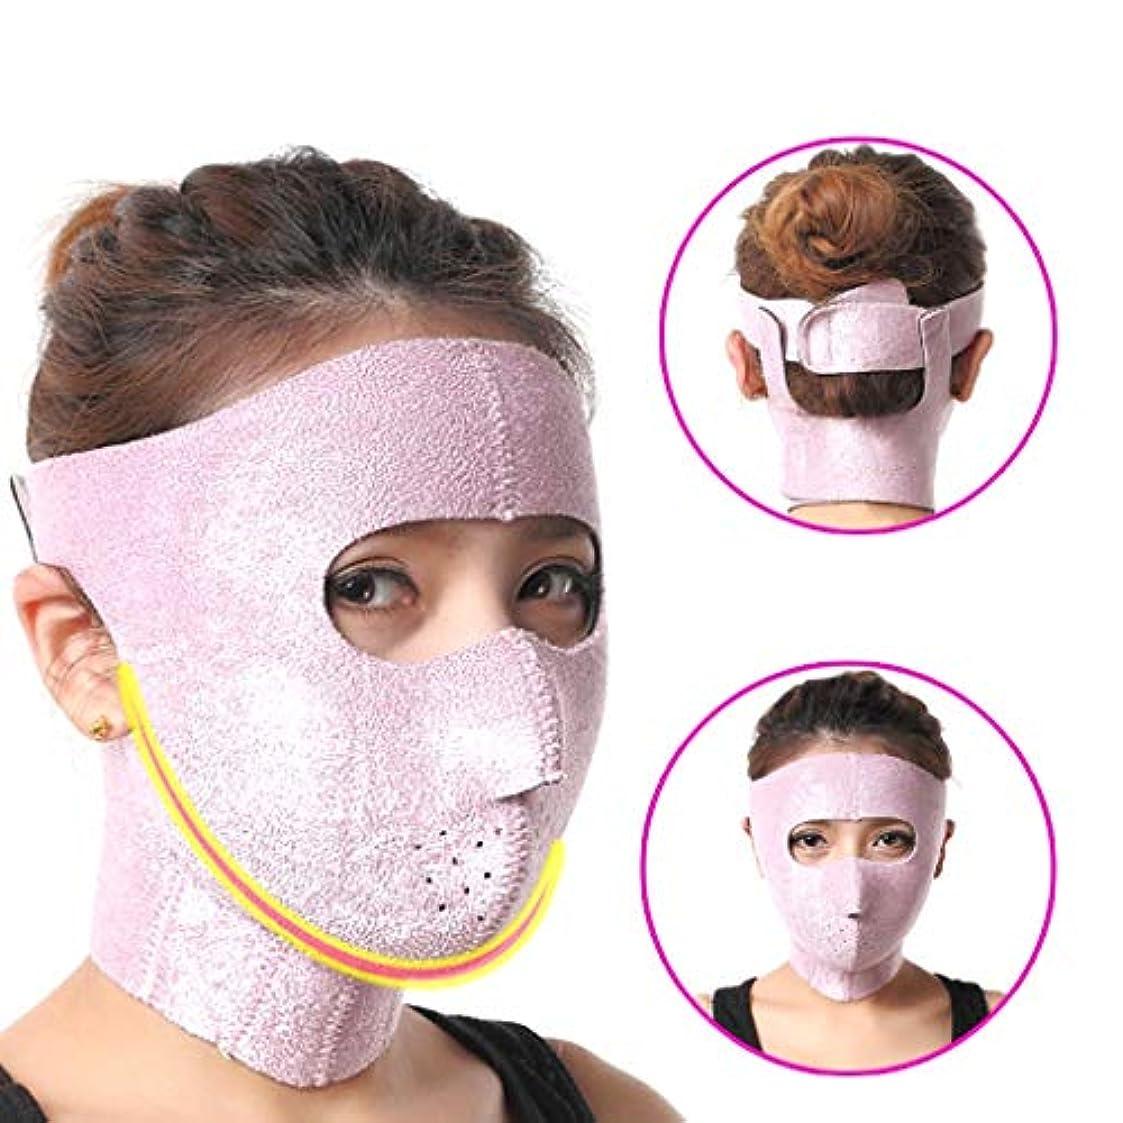 出発する支店上に薄いあご修正ツール、顔リフティングマスク、リフティングファーミング、Vフェイシャルマスク、改良された咬筋二重あご、男性と女性の両方に適しています